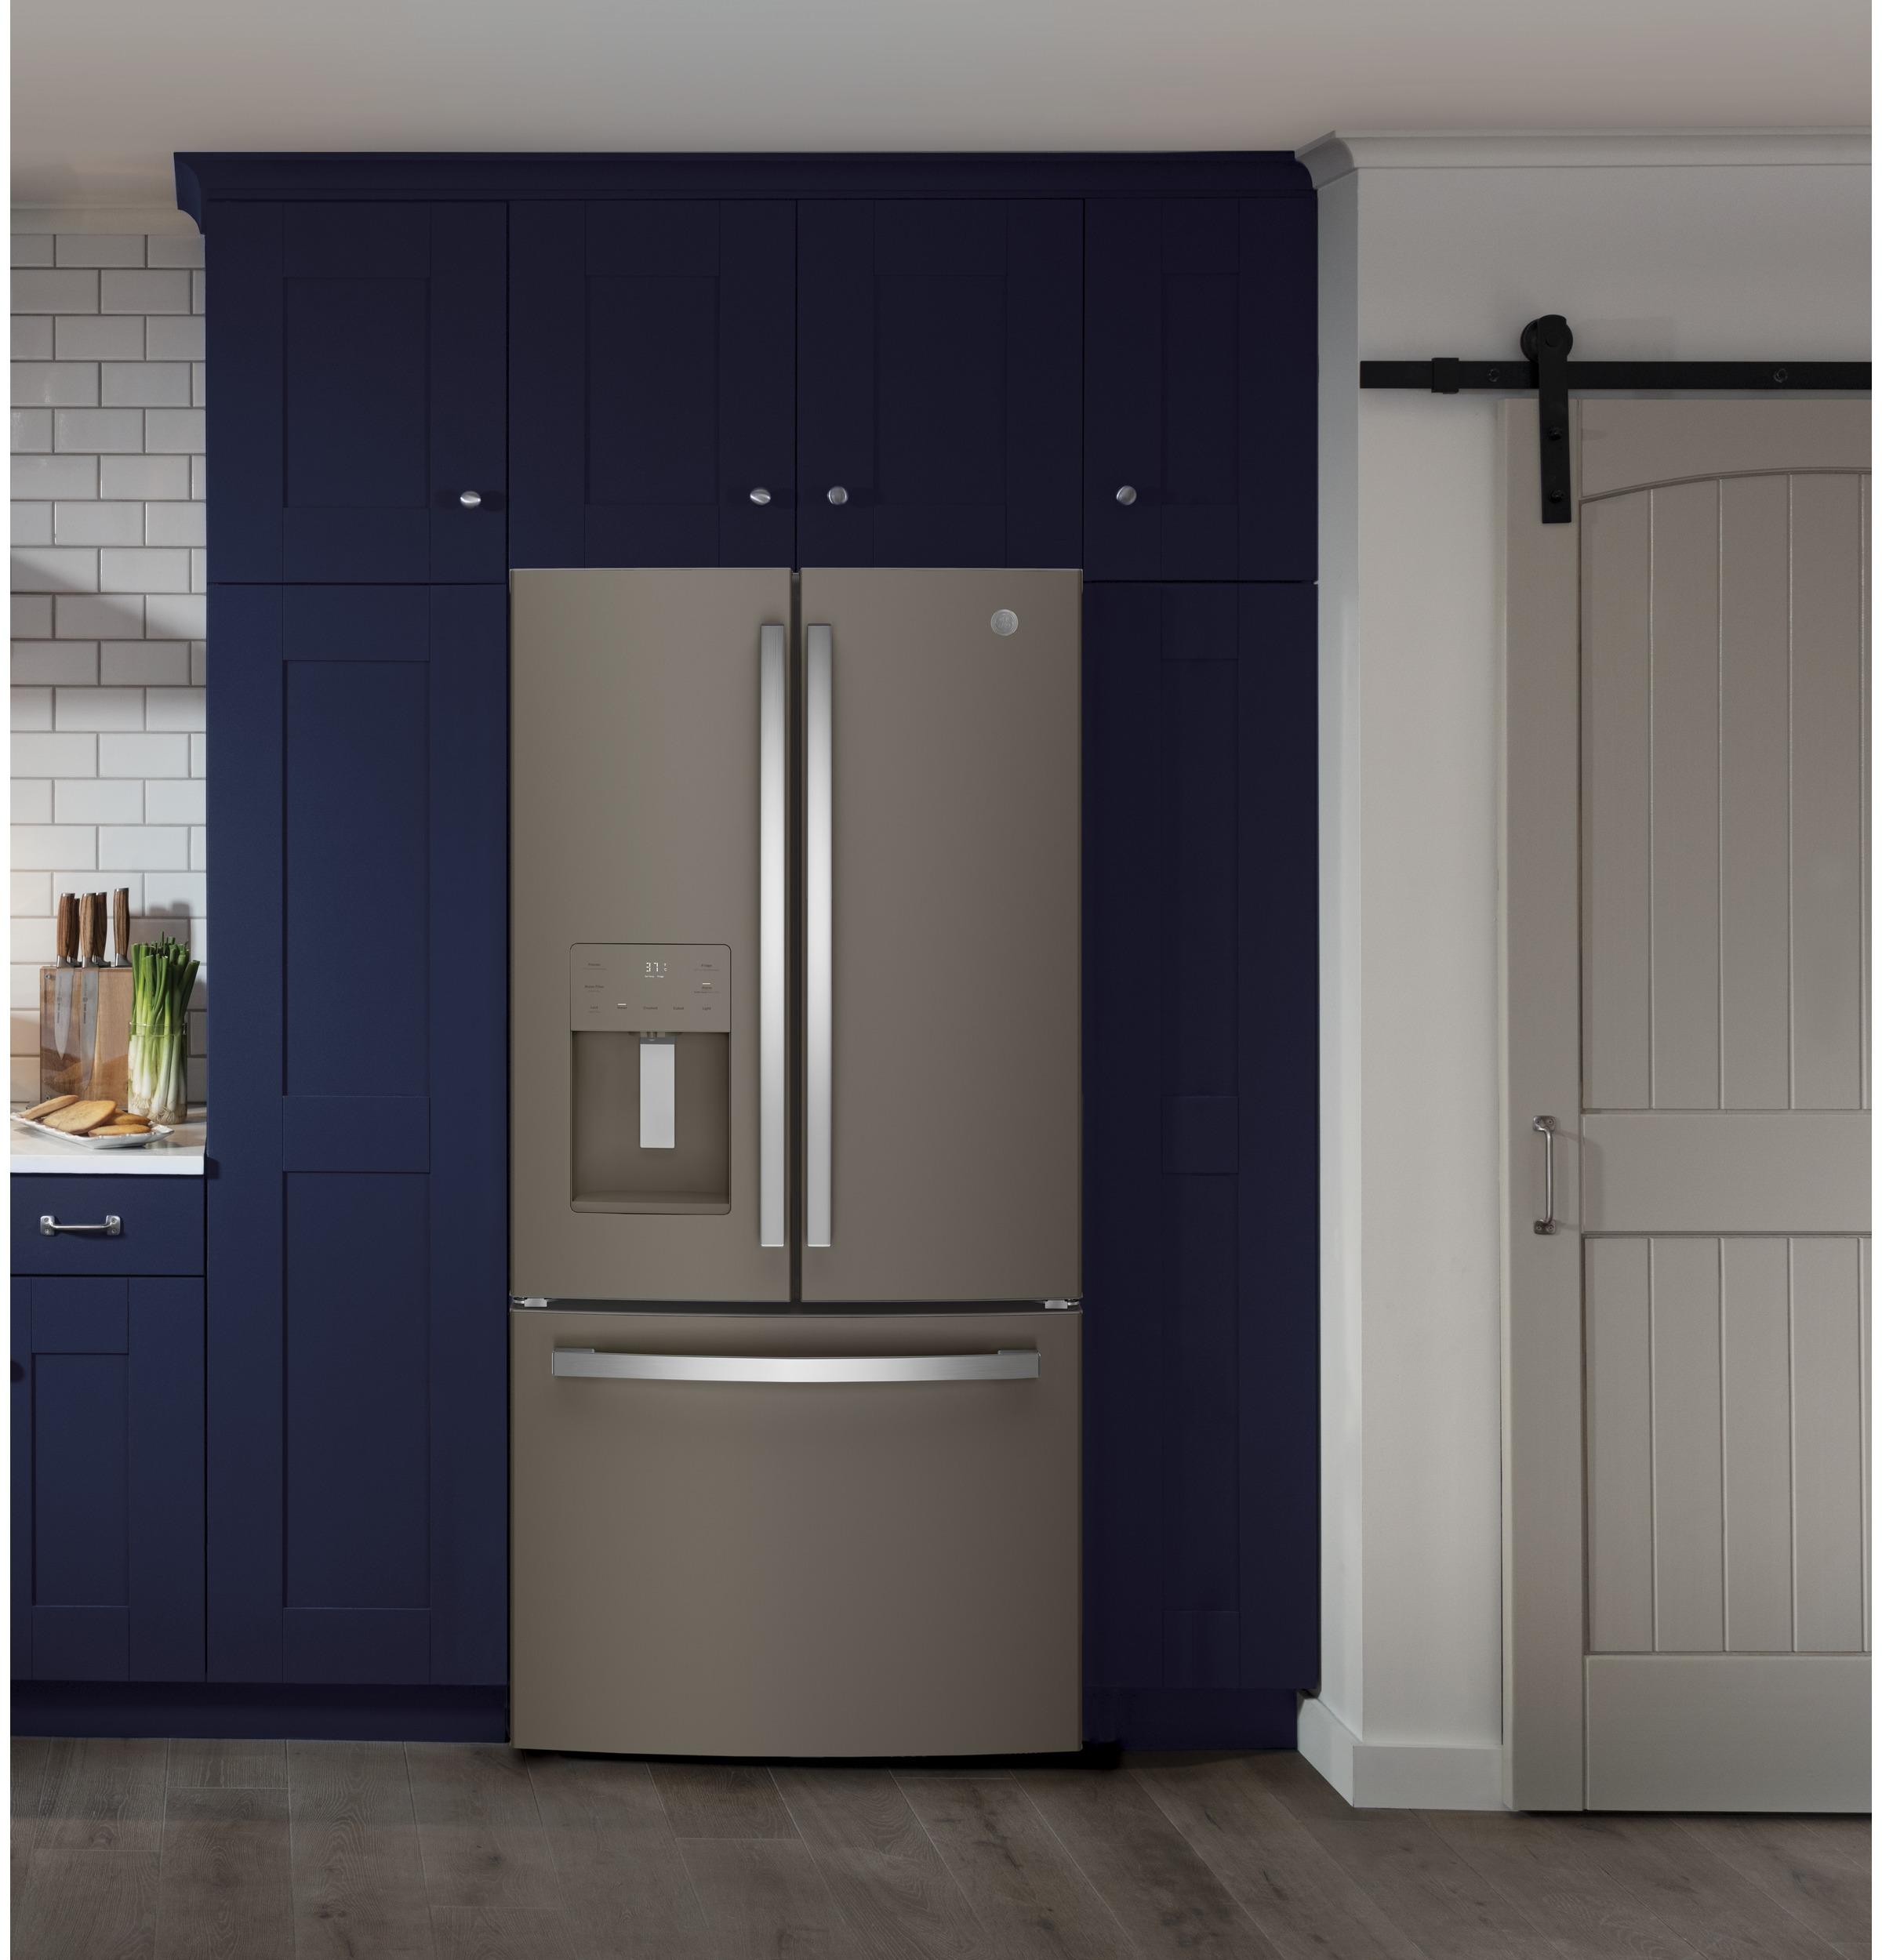 Model: GFE24JMKES | GE GE® ENERGY STAR® 23.7 Cu. Ft. French-Door Refrigerator